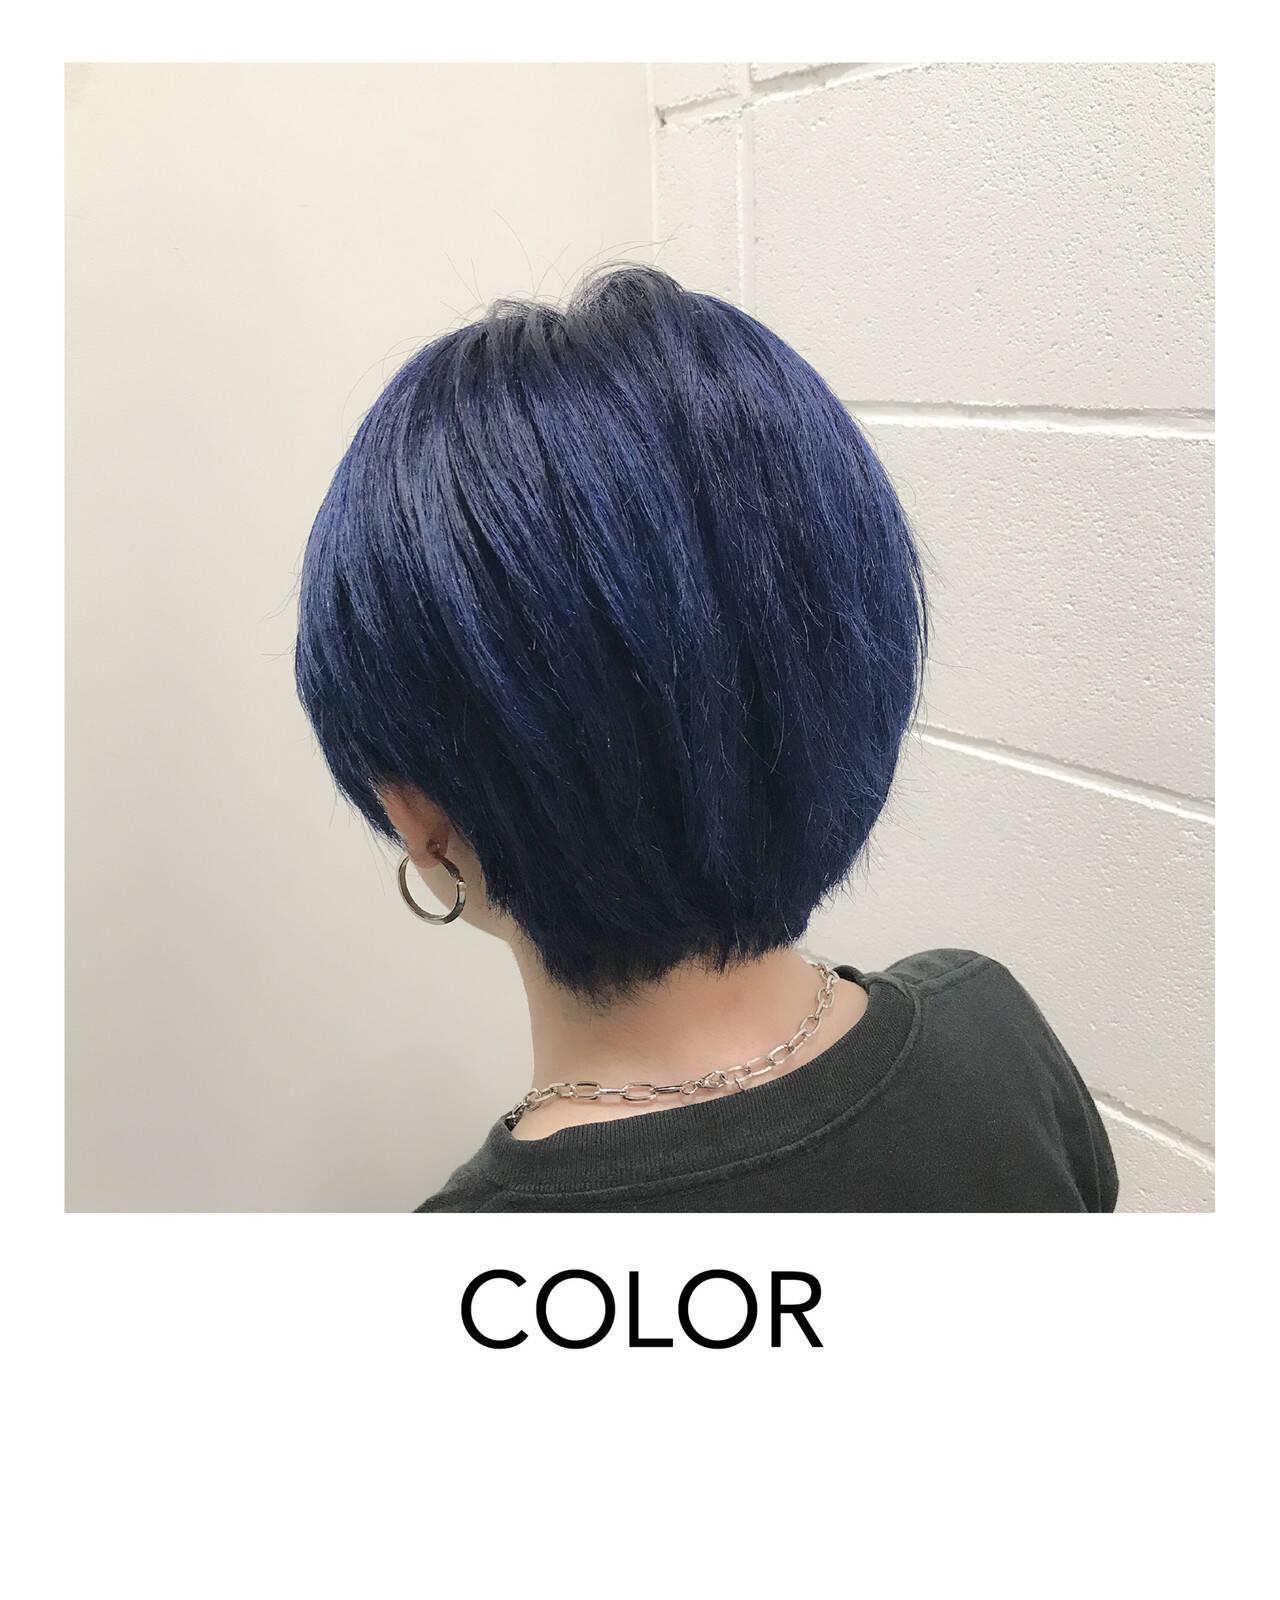 モード ハイトーンカラー ヘアカット ブリーチオンカラーヘアスタイルや髪型の写真・画像